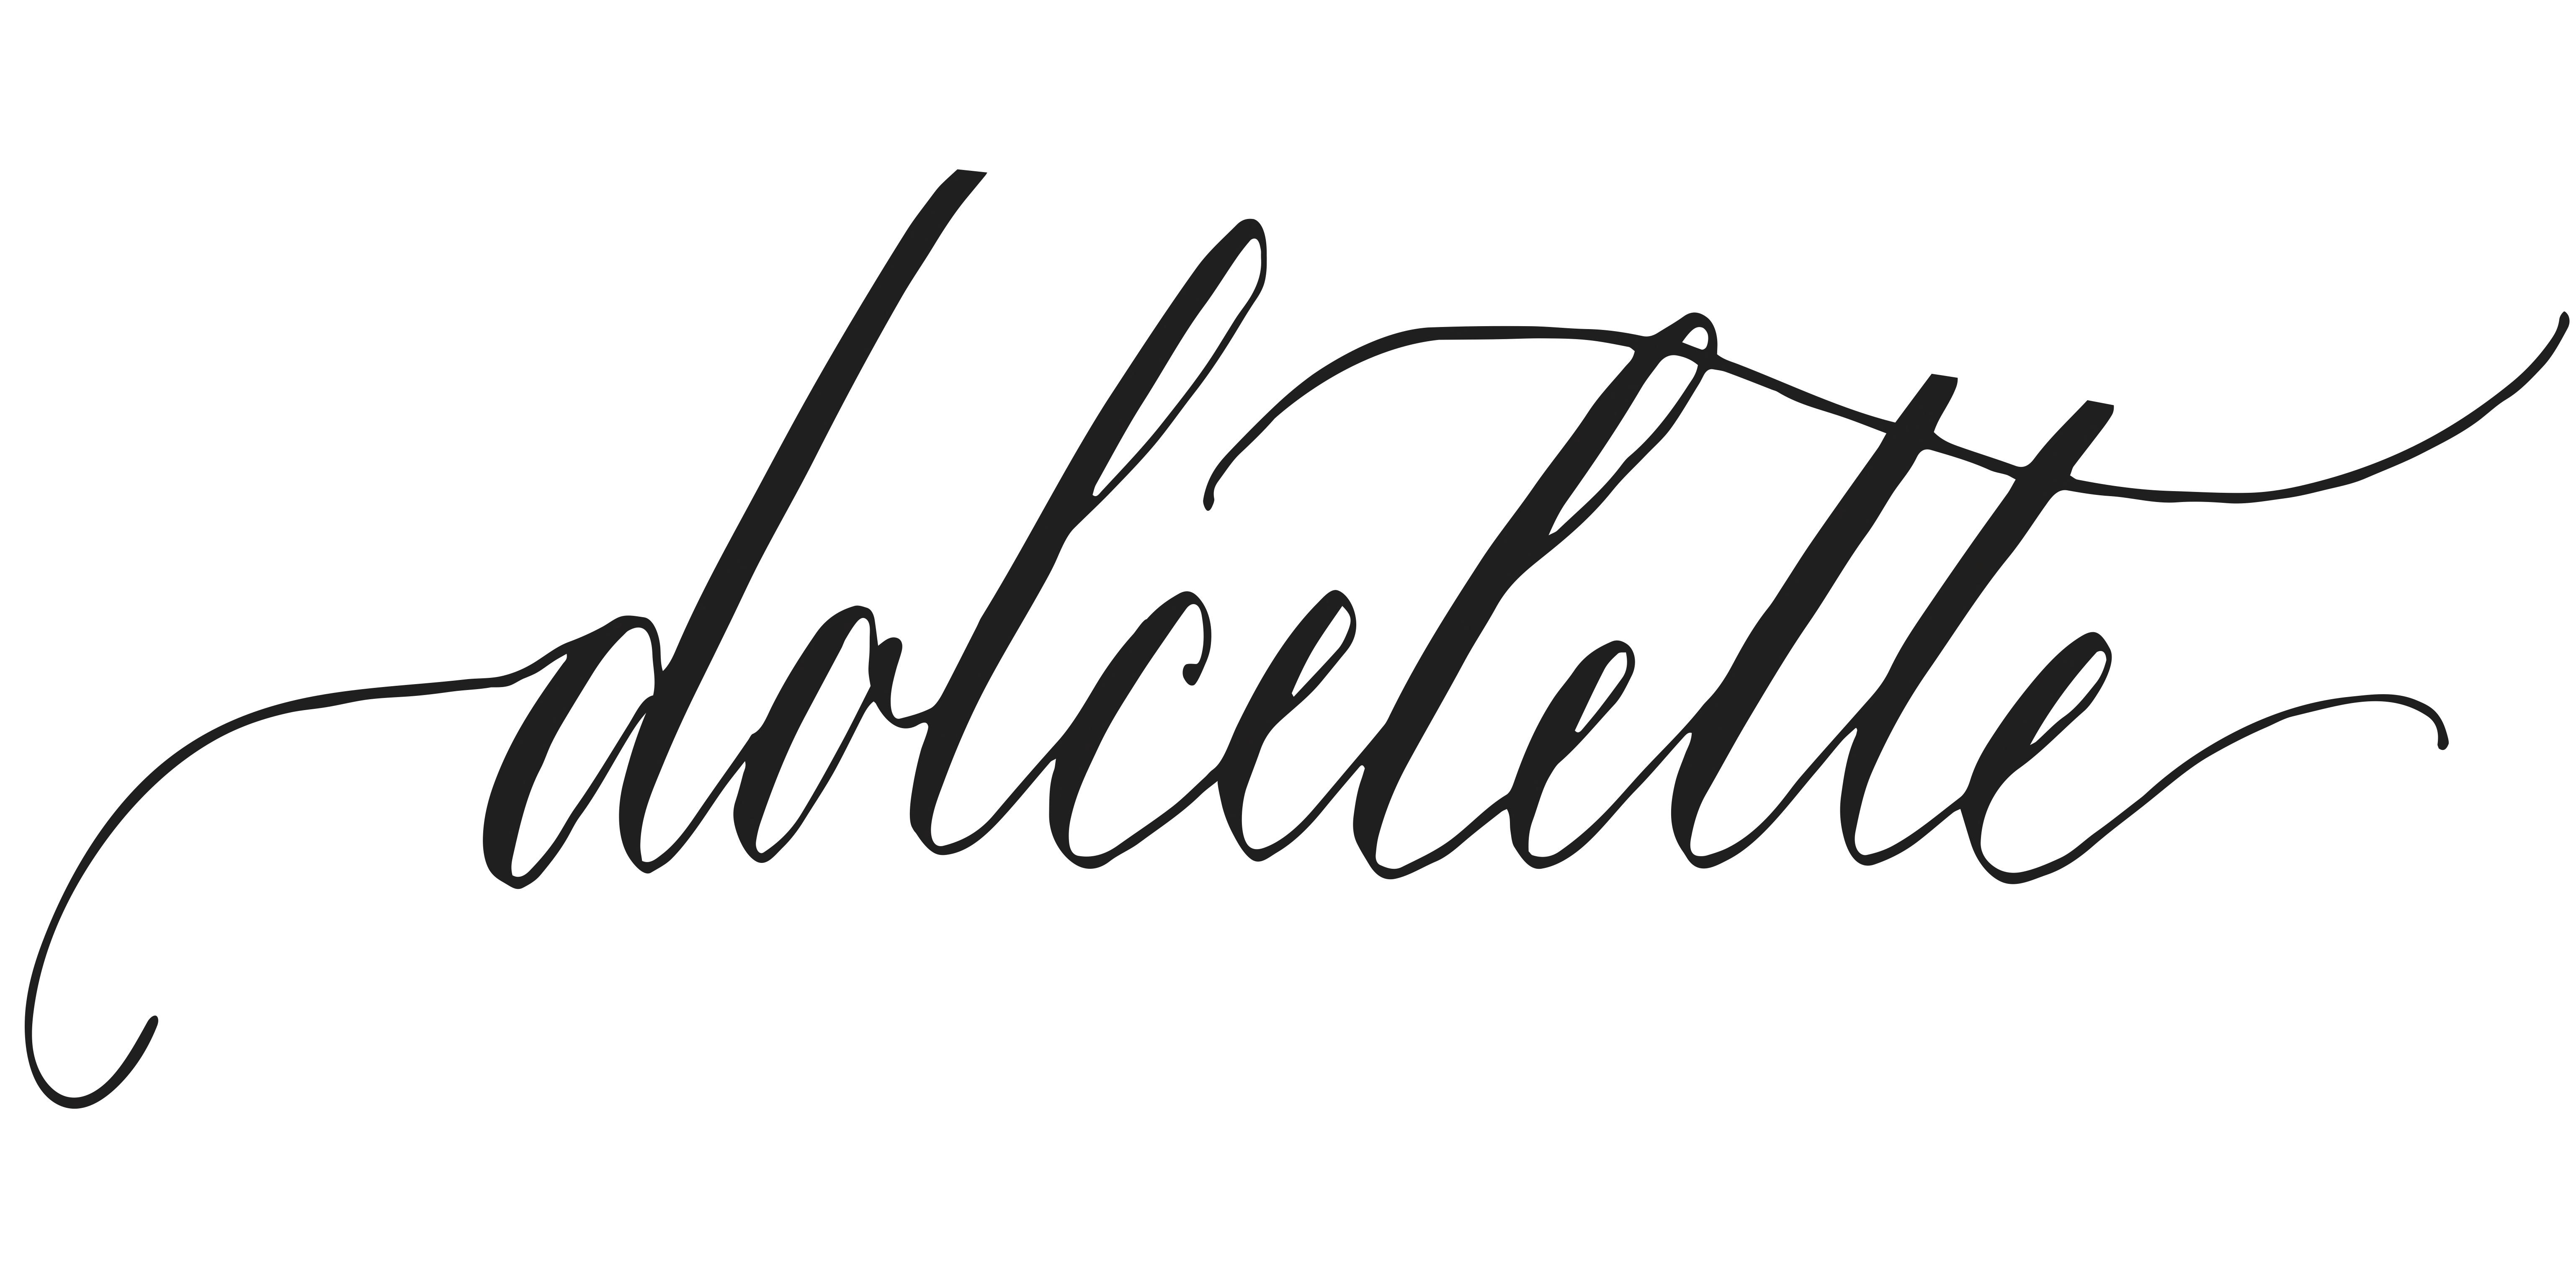 dolcelette